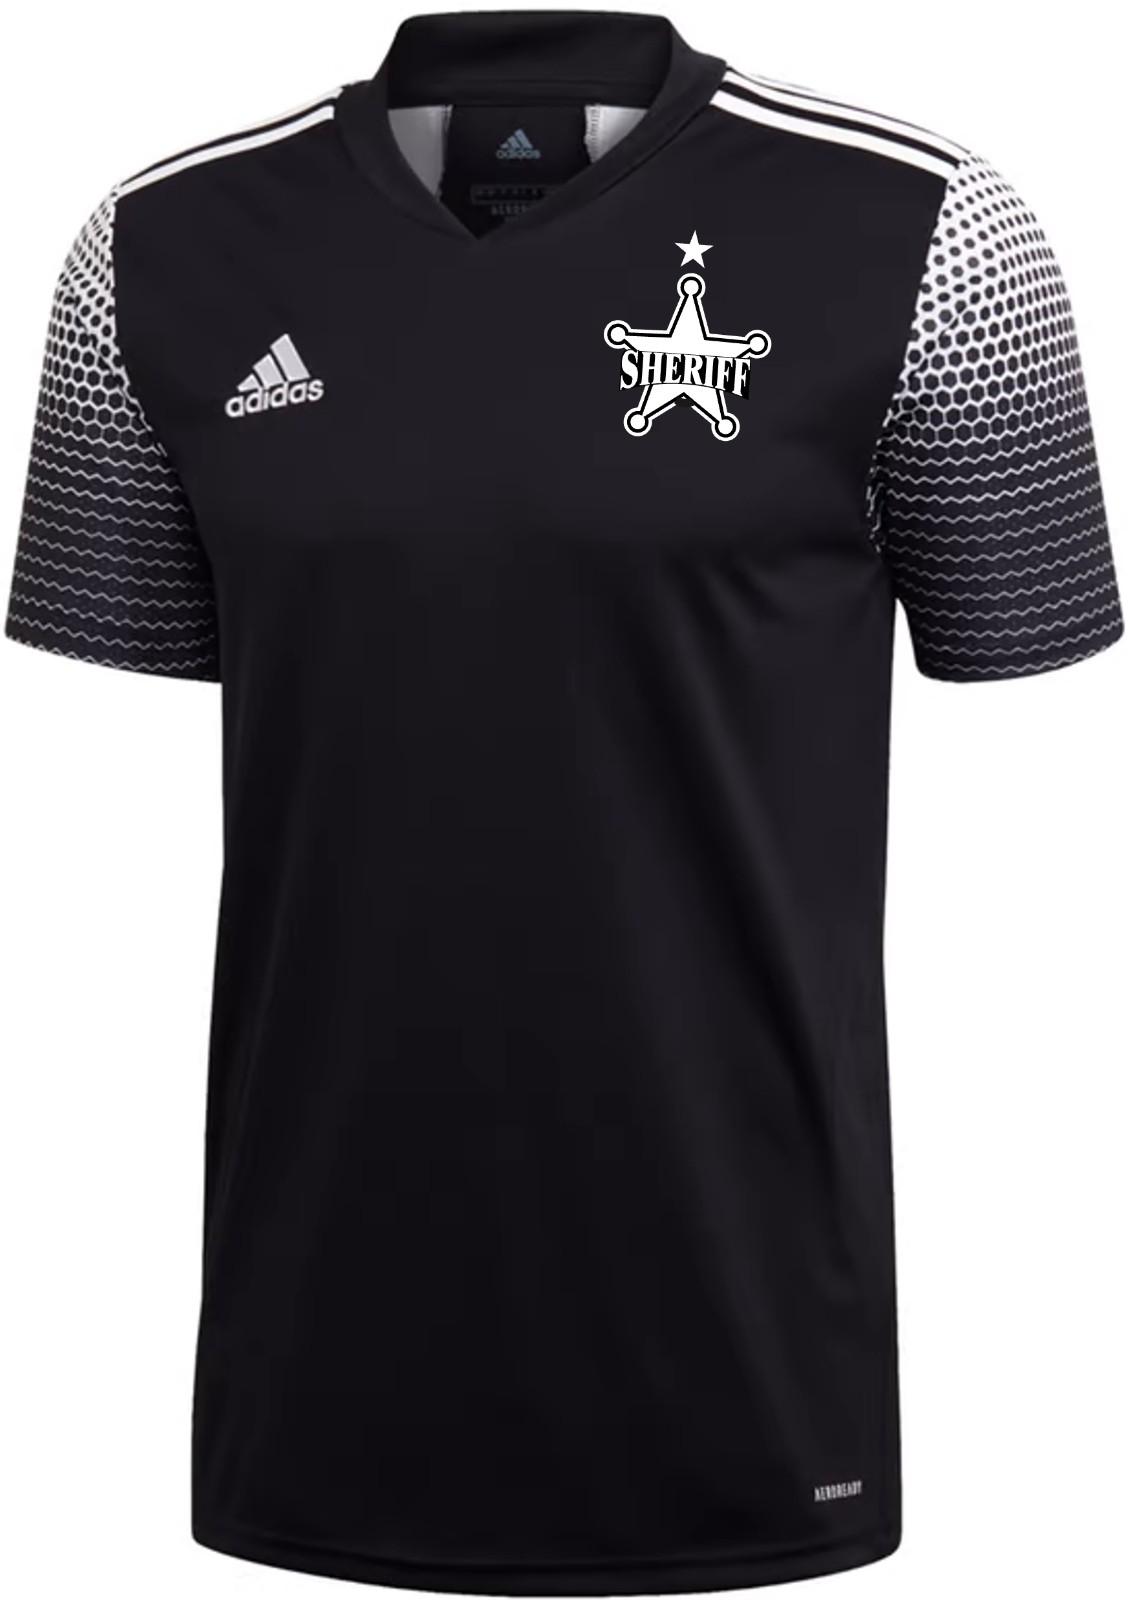 maillot sheriff tiraspol 2021 2022 domicile adidas